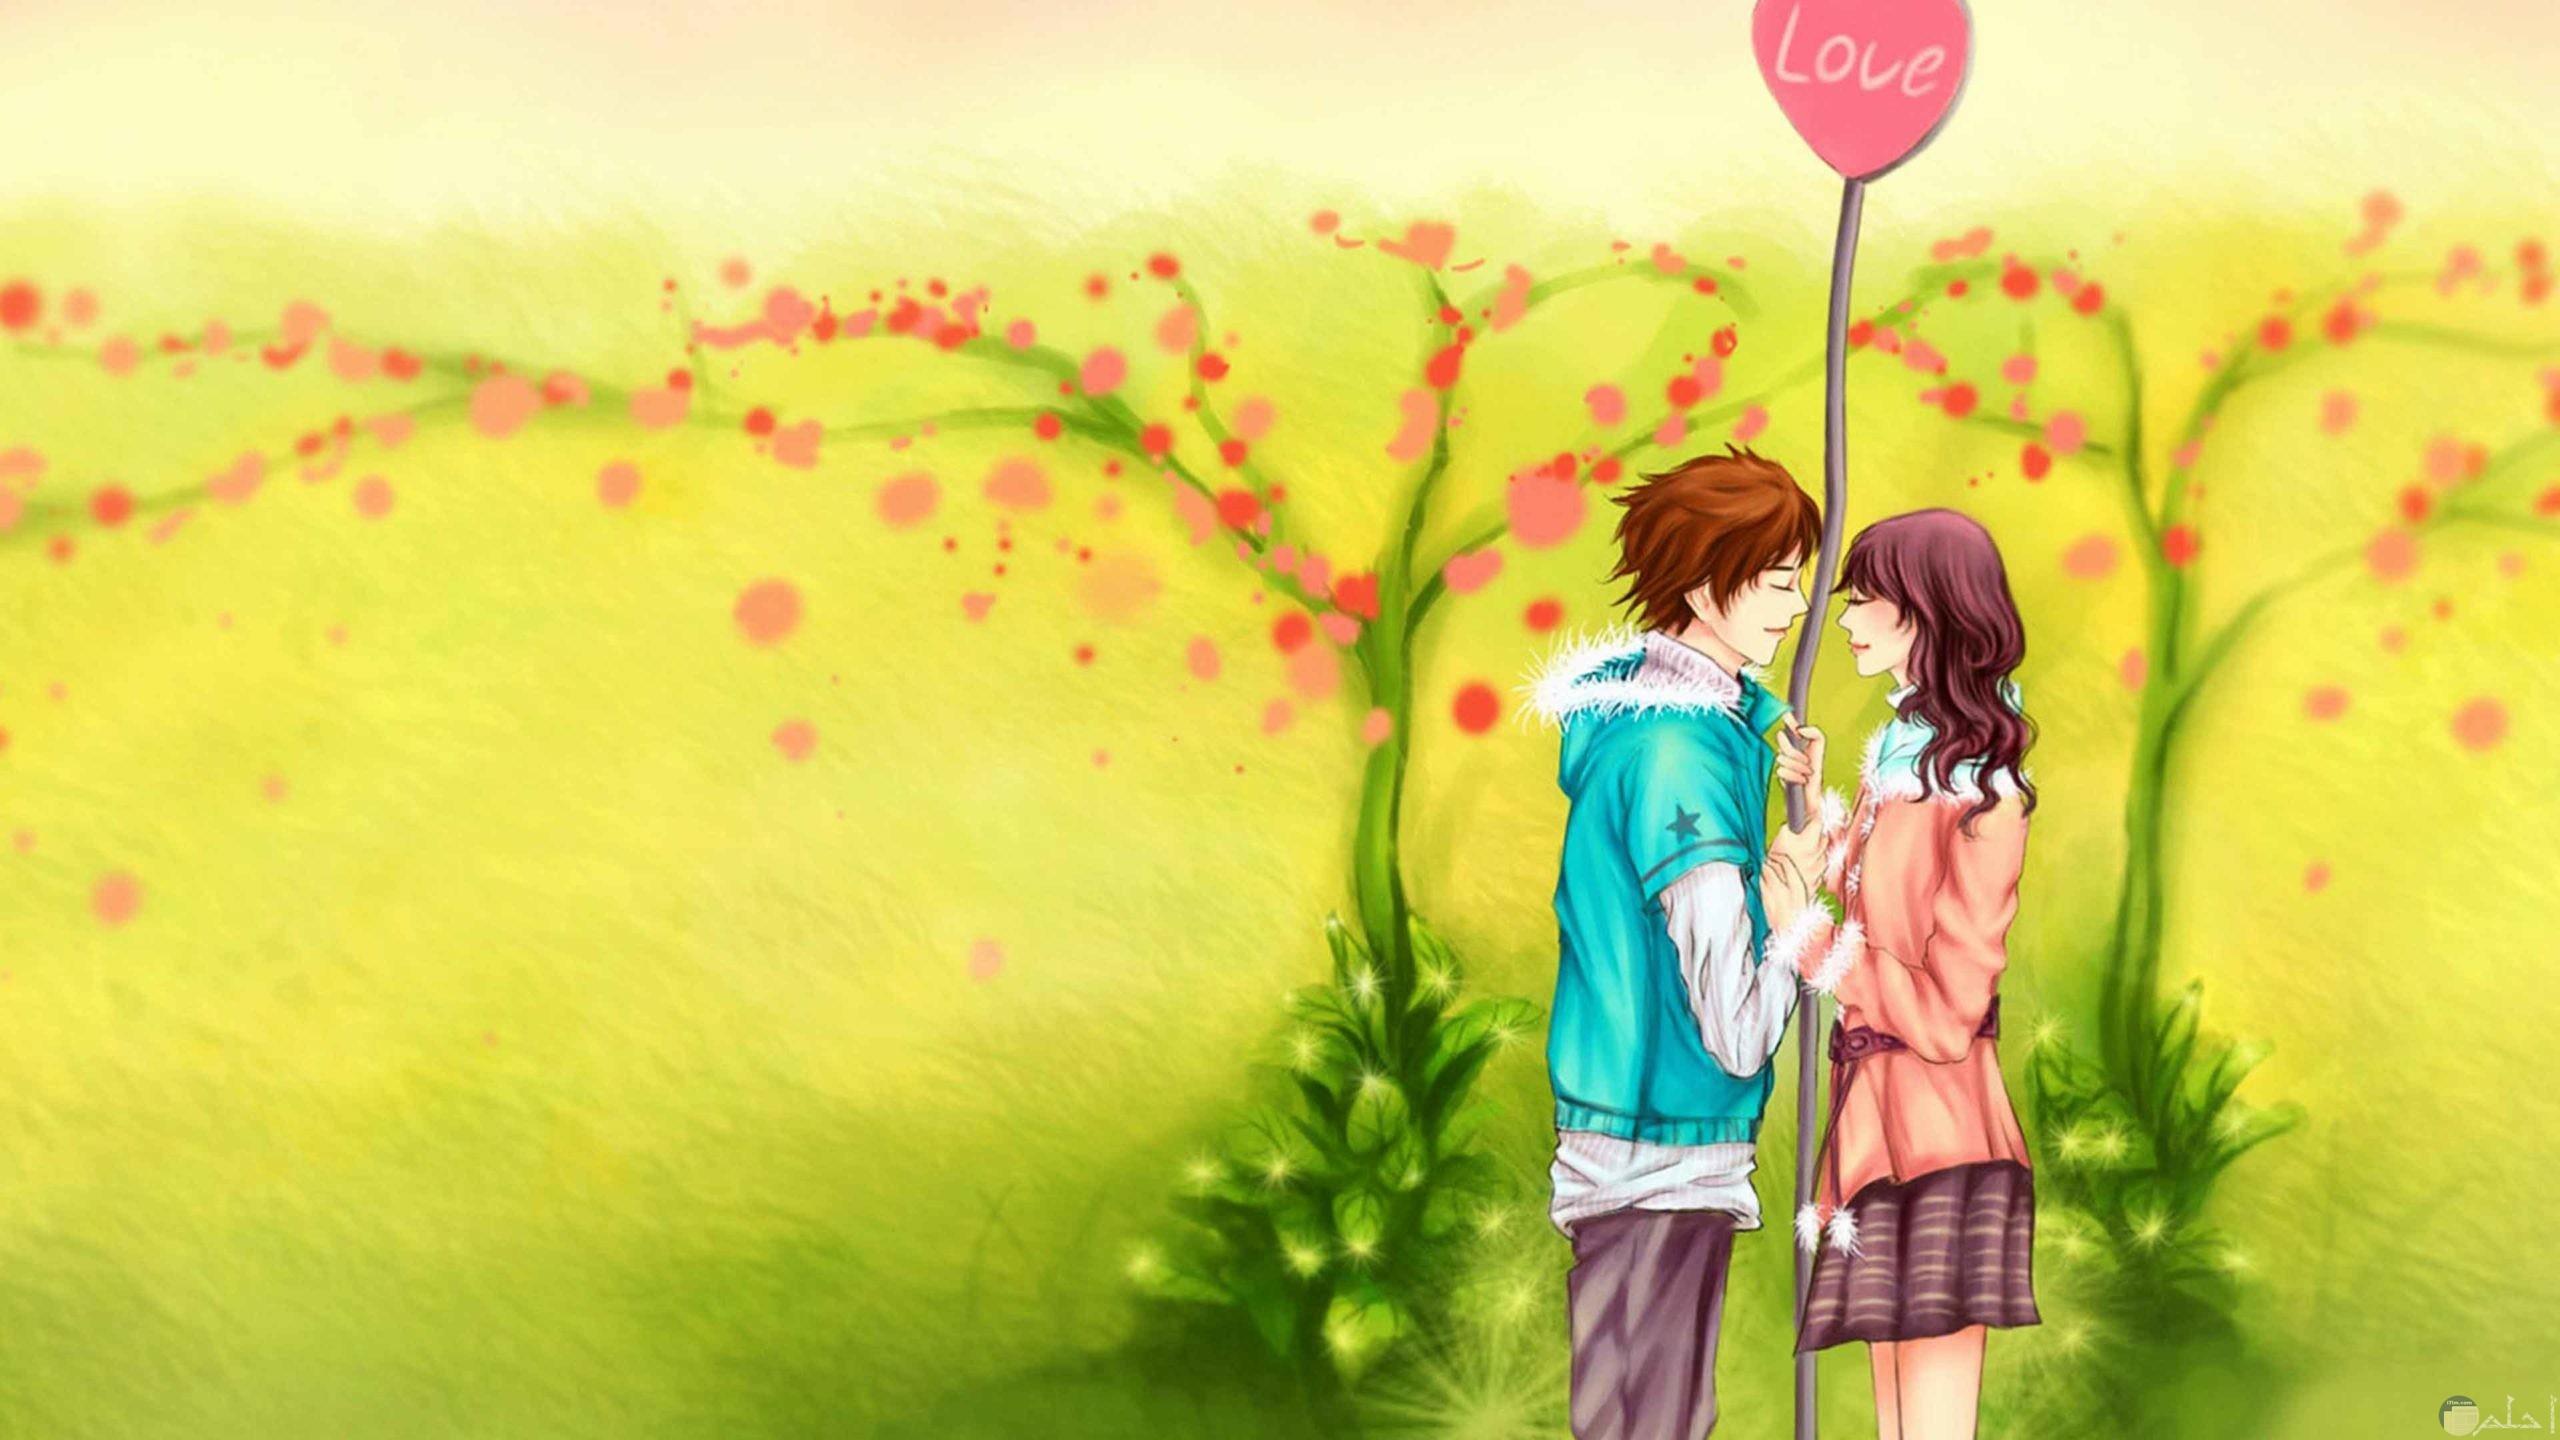 رسمة كرتون رومانسية Wallpaper